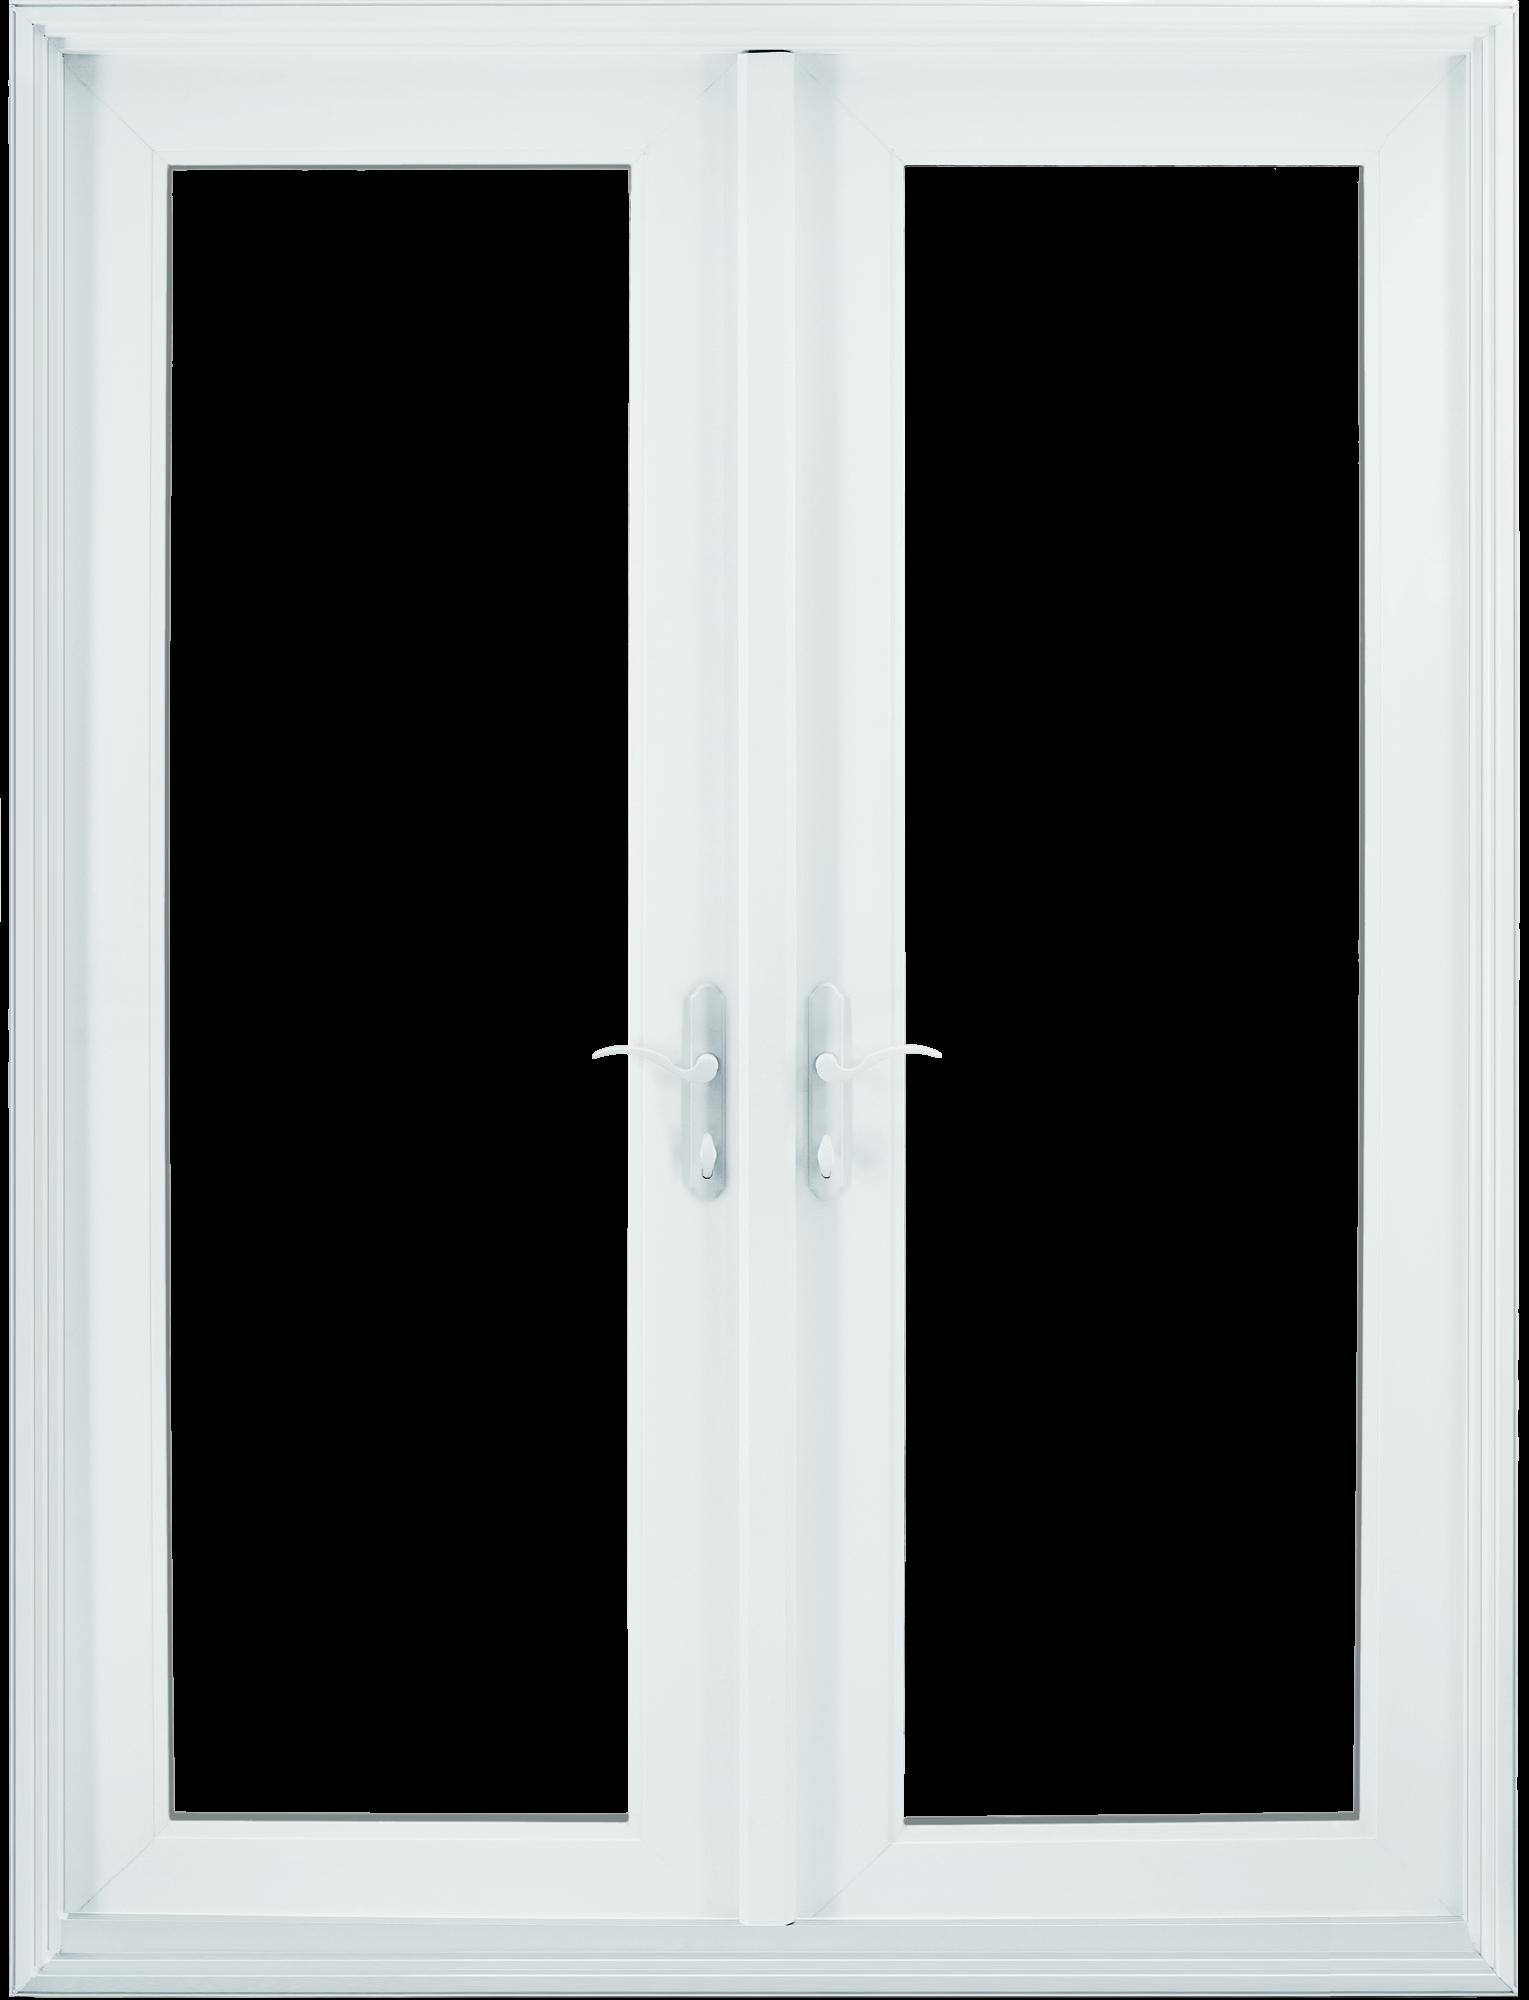 Double Swinging Doors Premium Atlantic Vinyl Swinging Patio Door Jeld Wen Windows Doors